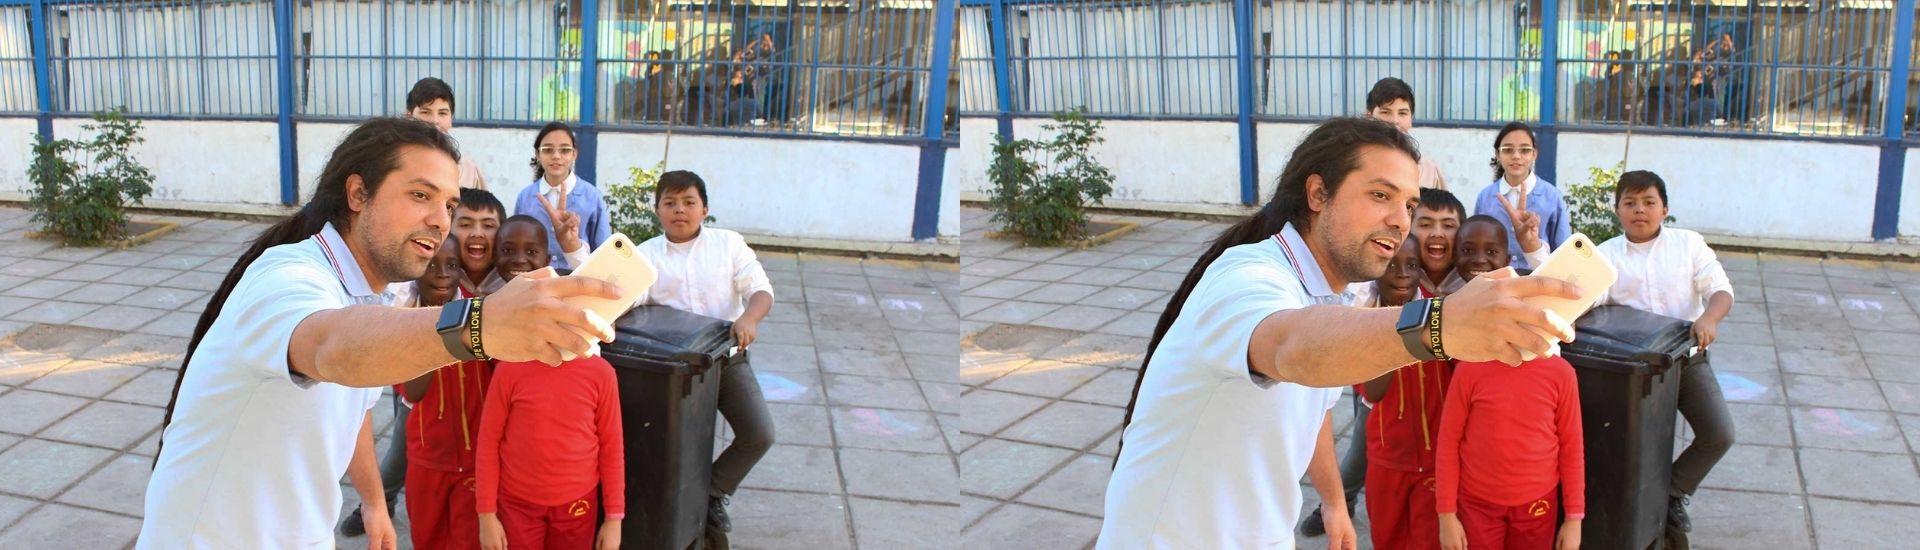 Camilo Torreblanca con sus estudiantes